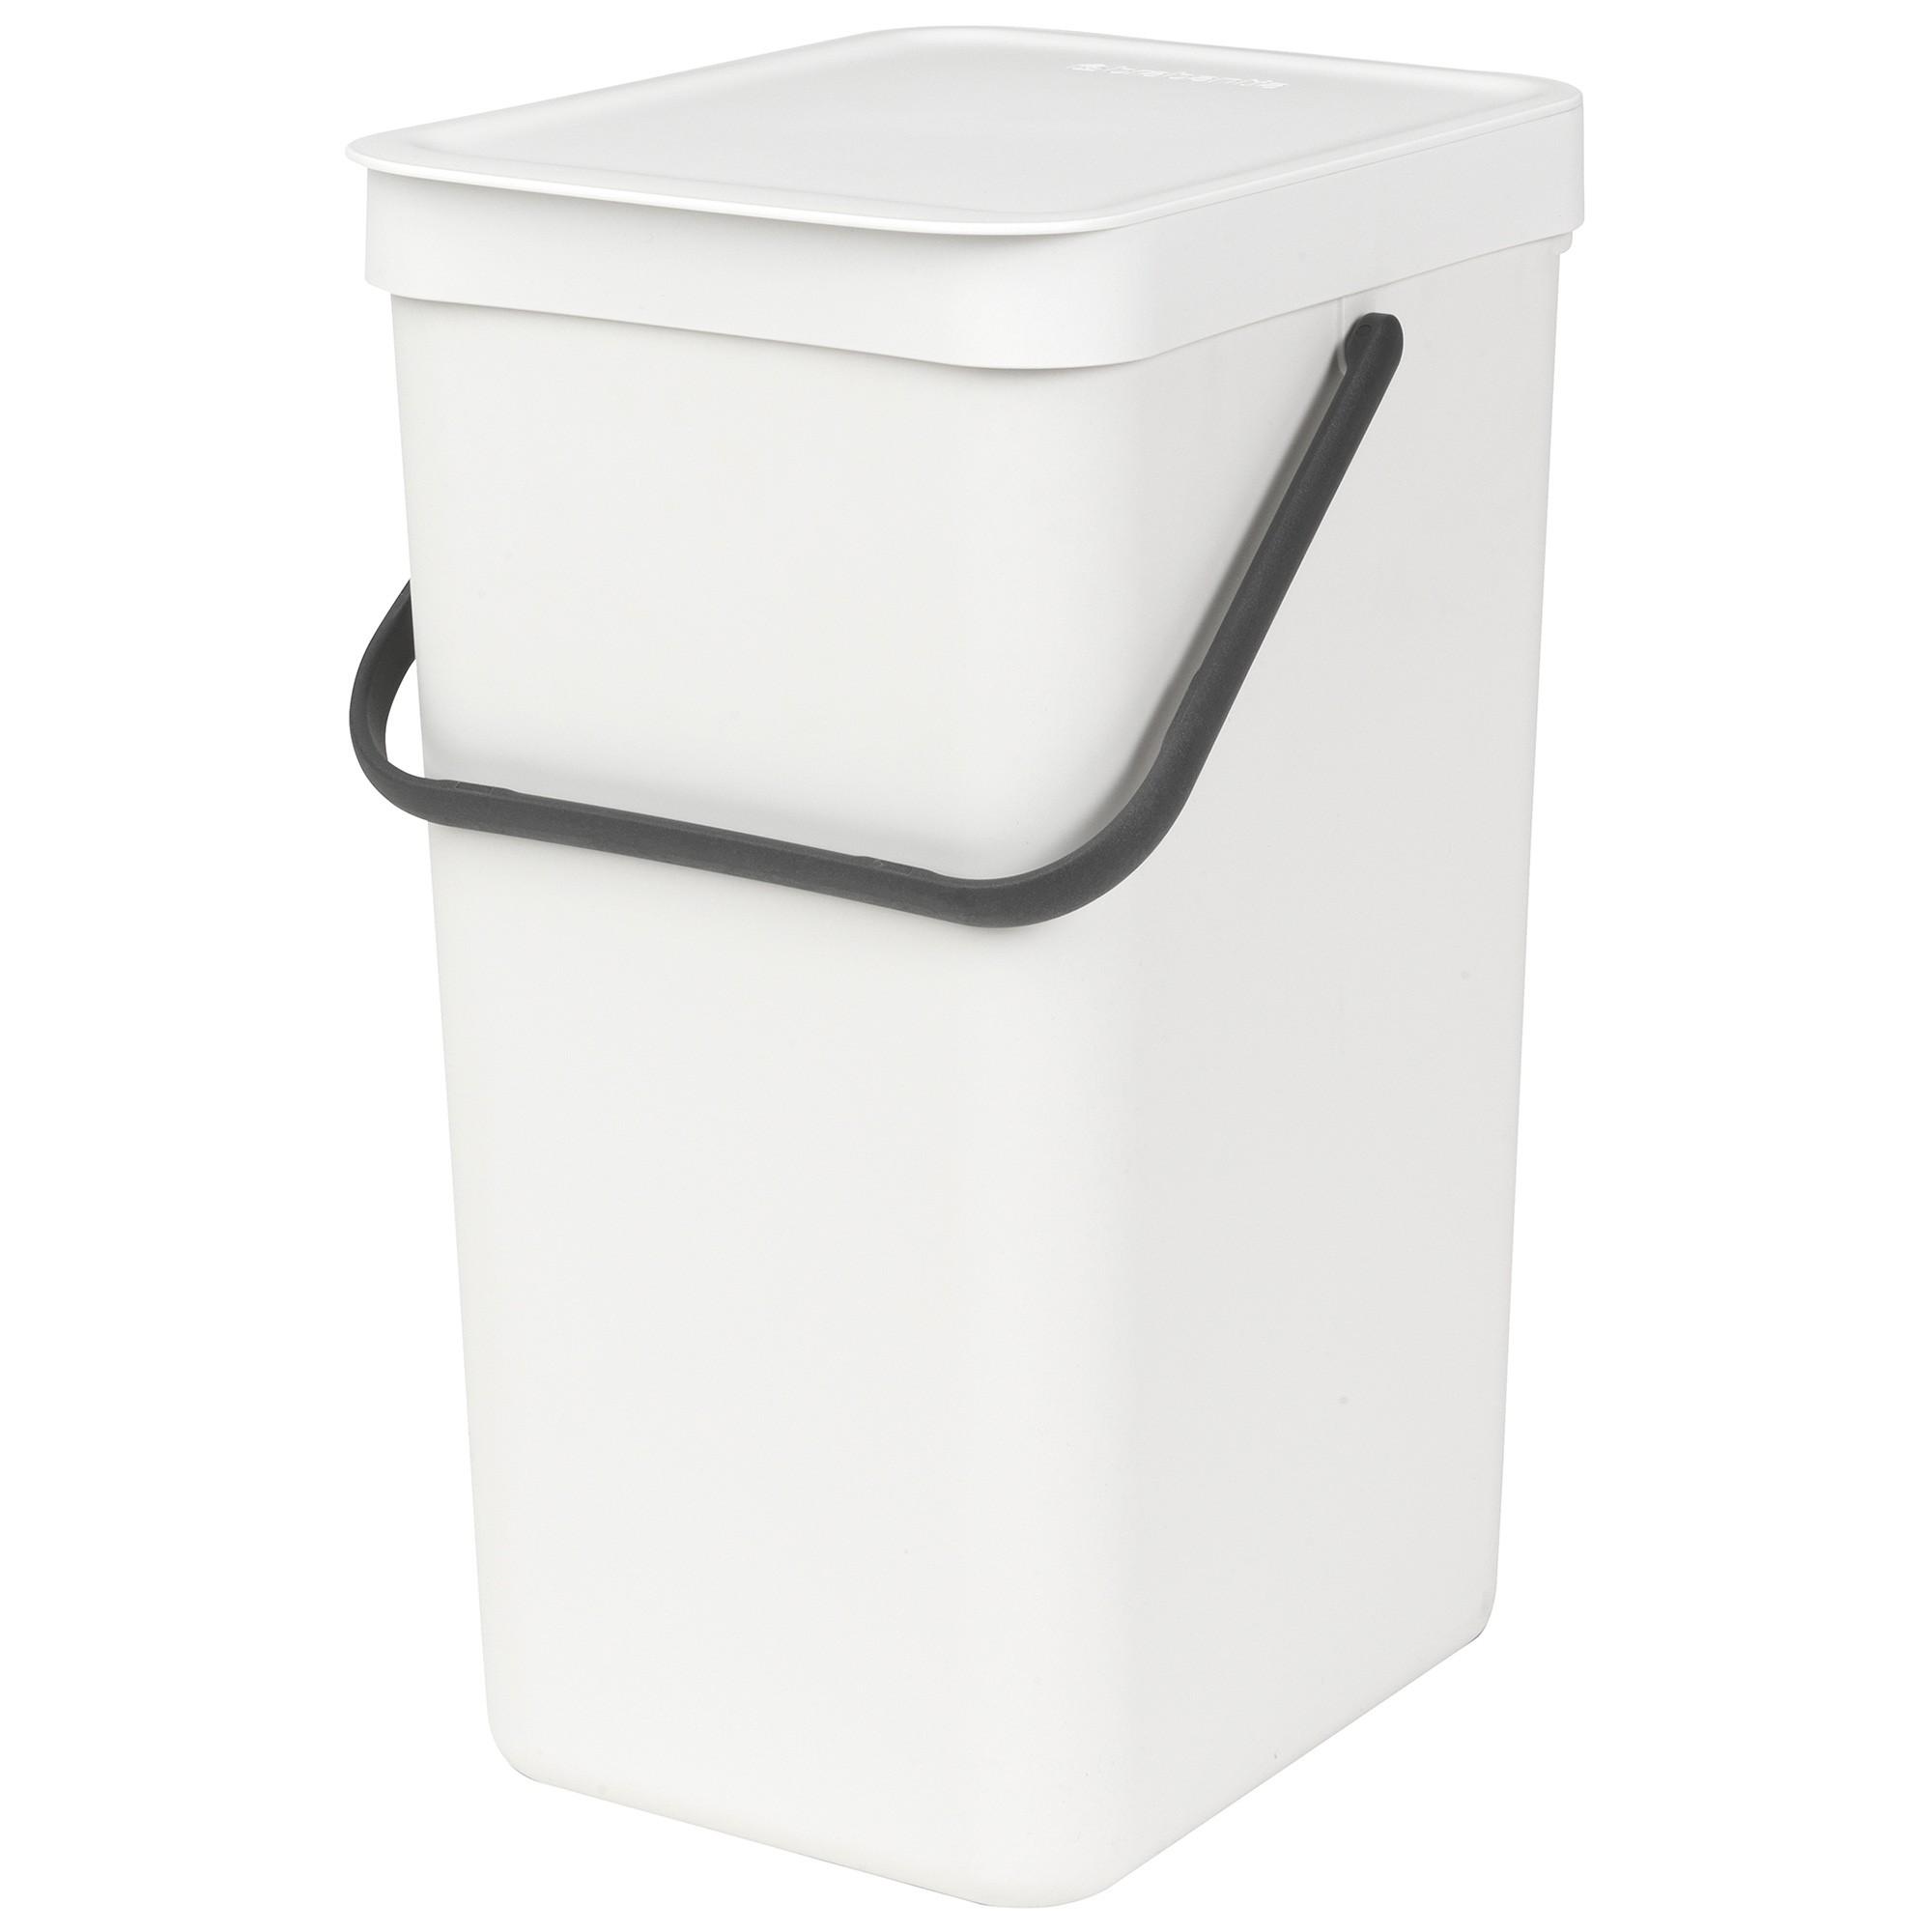 Brabantia Sort & Go Waste Bin, 16 Litre, White